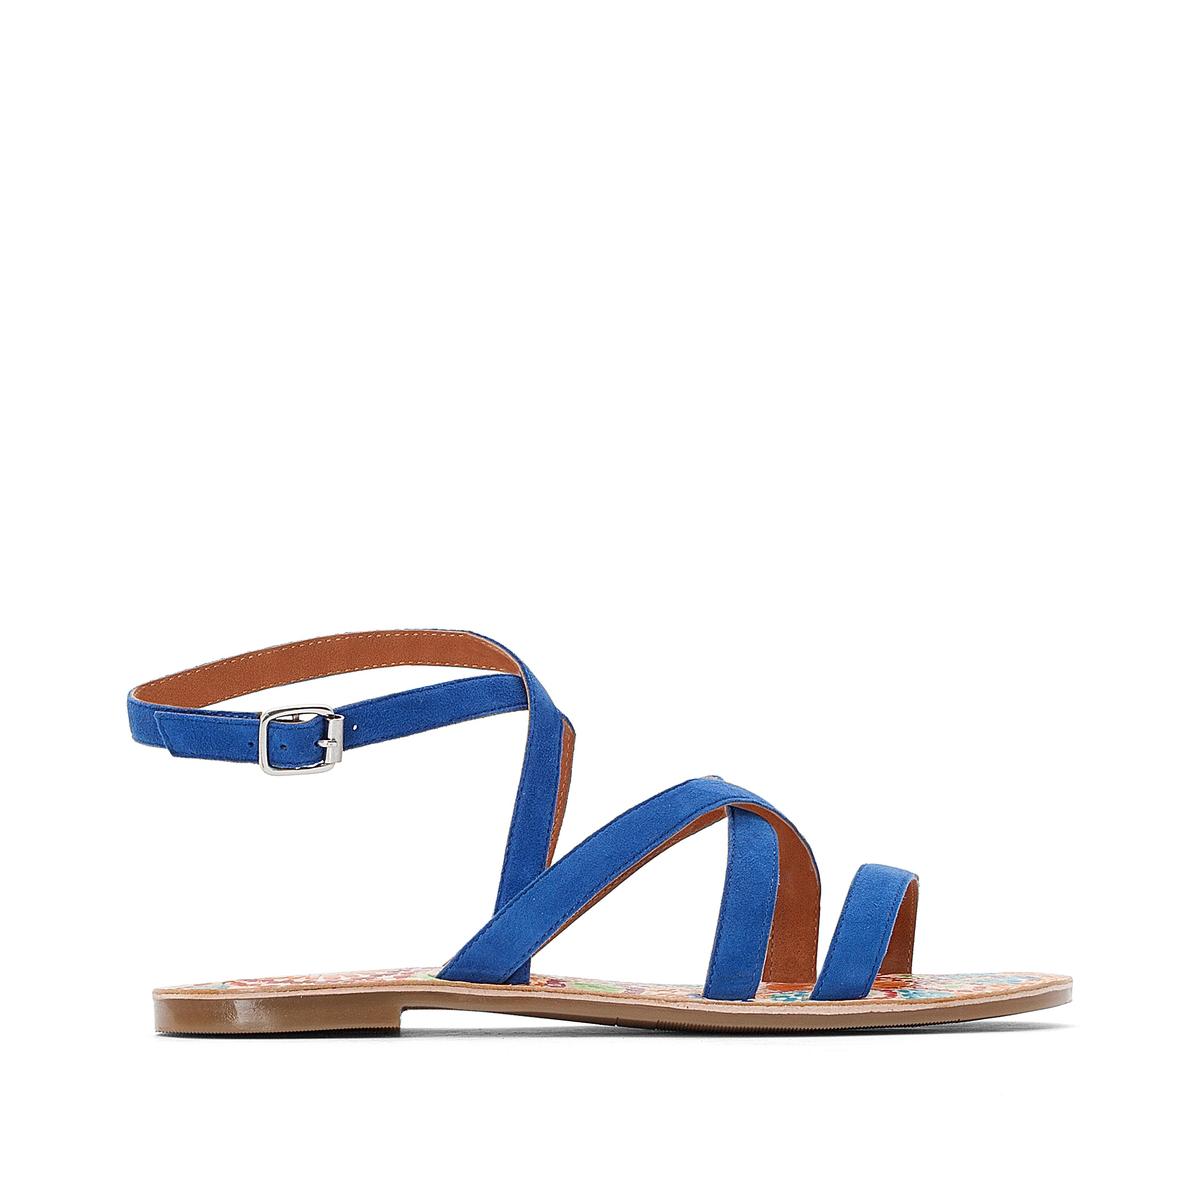 Sandálias com presilhas, em pele